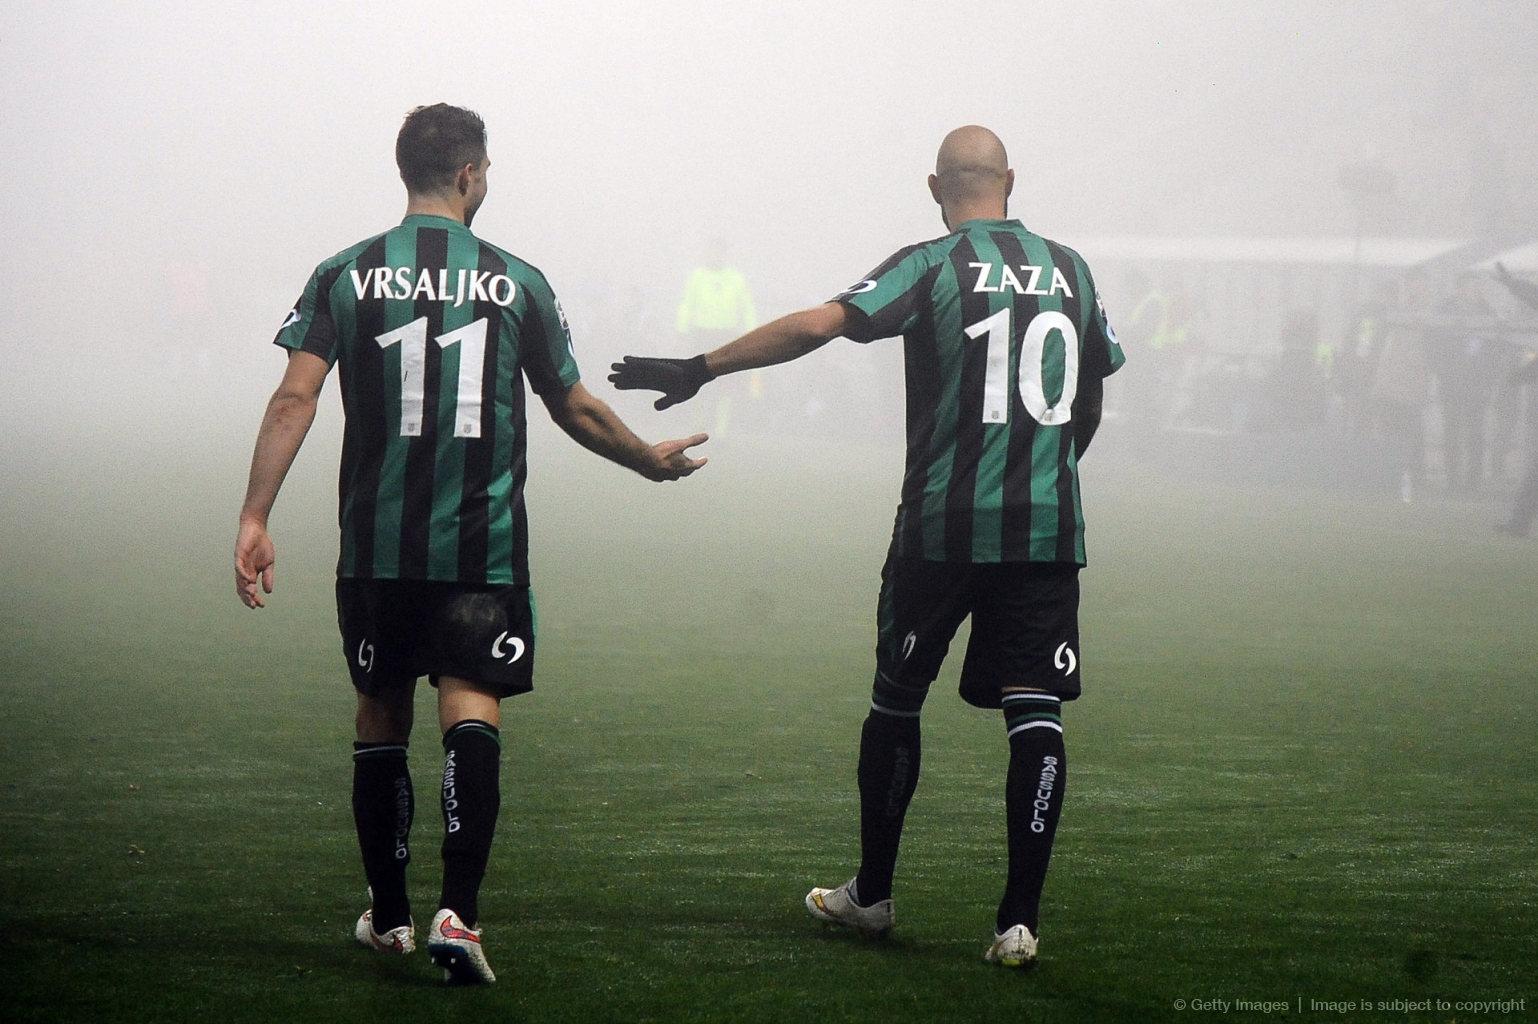 بررسی تخصصی: ساسولو، الگوی موفق یک باشگاه ایتالیایی